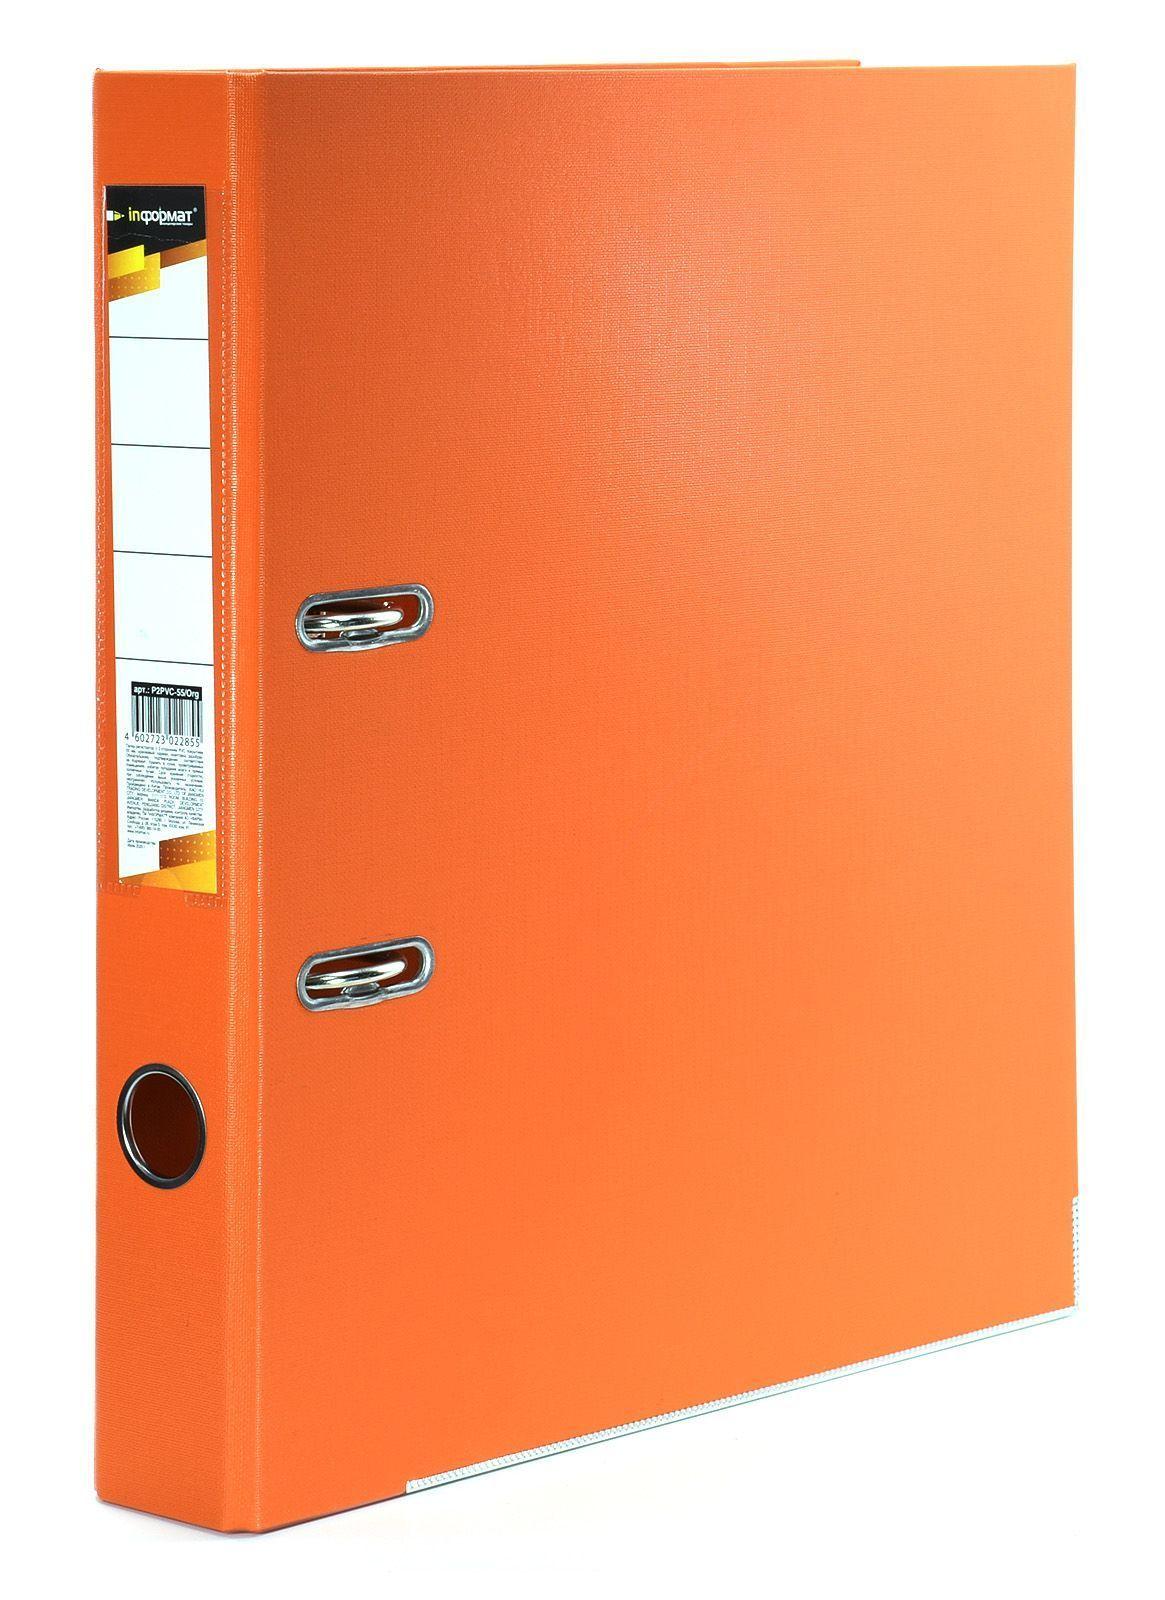 Папка-регистратор INFORMAT 55 мм двухстороннее покрытие PVC, оранжевая